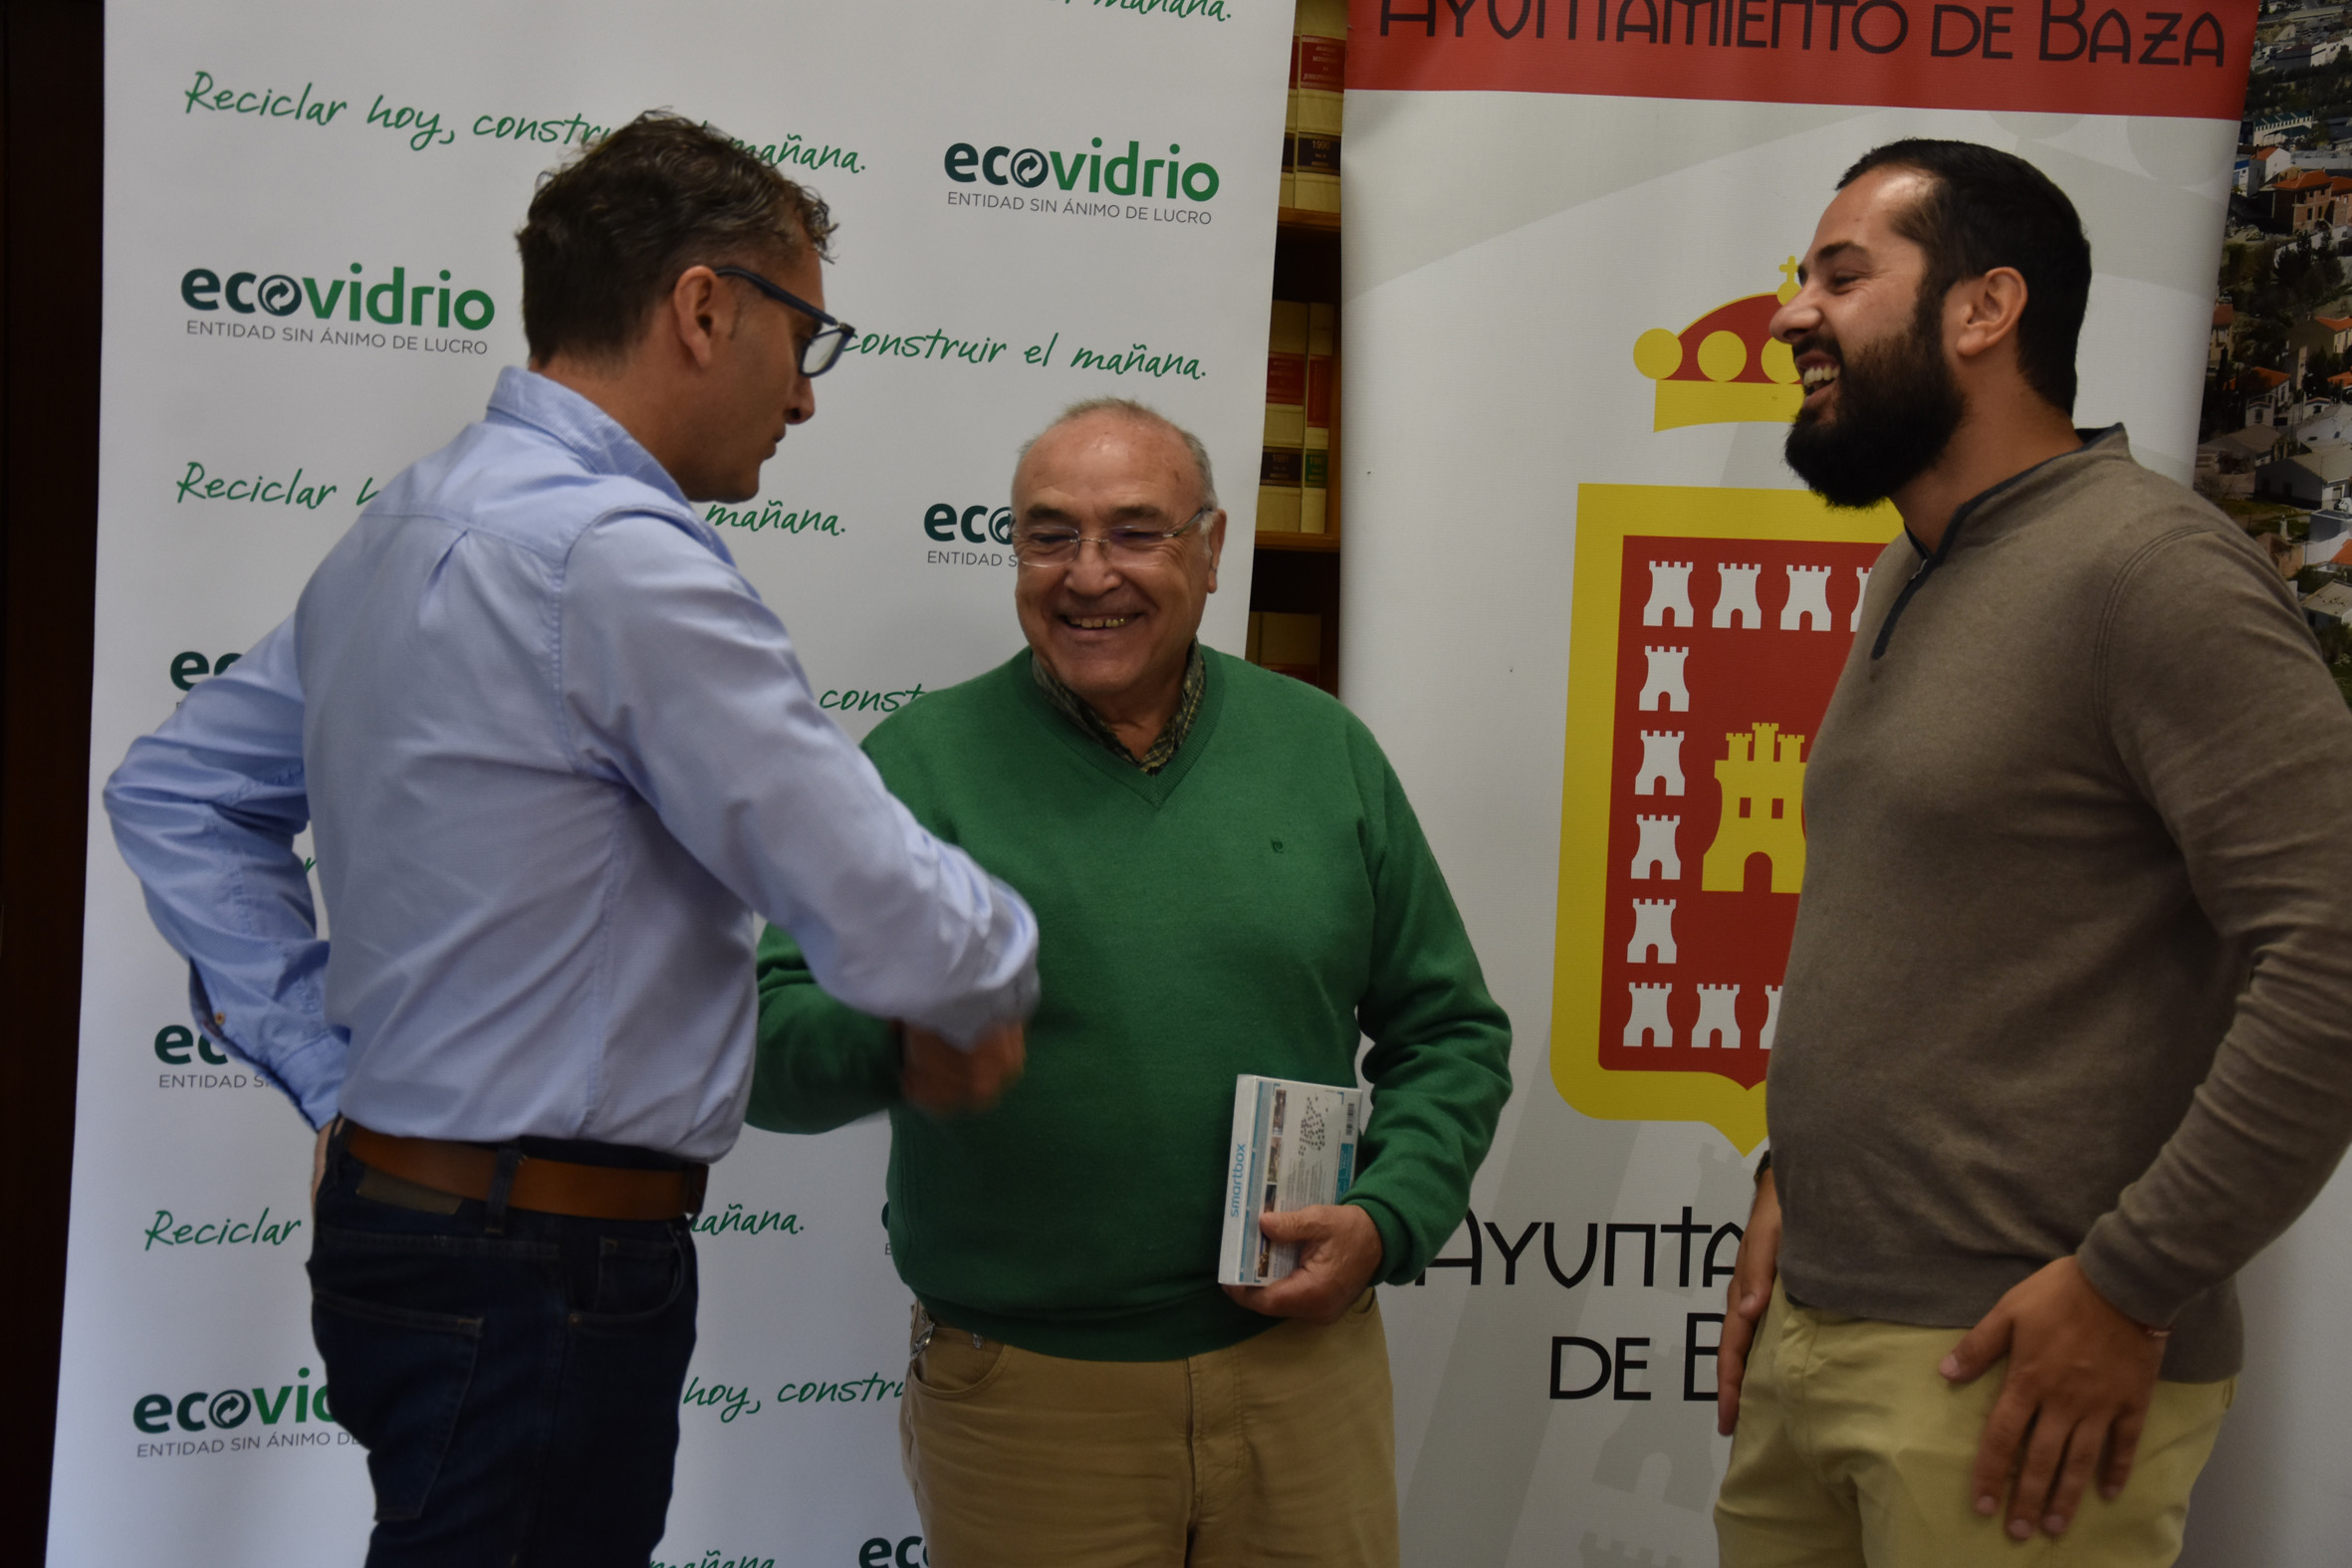 Pepe el Curva recibe su premio por reciclar